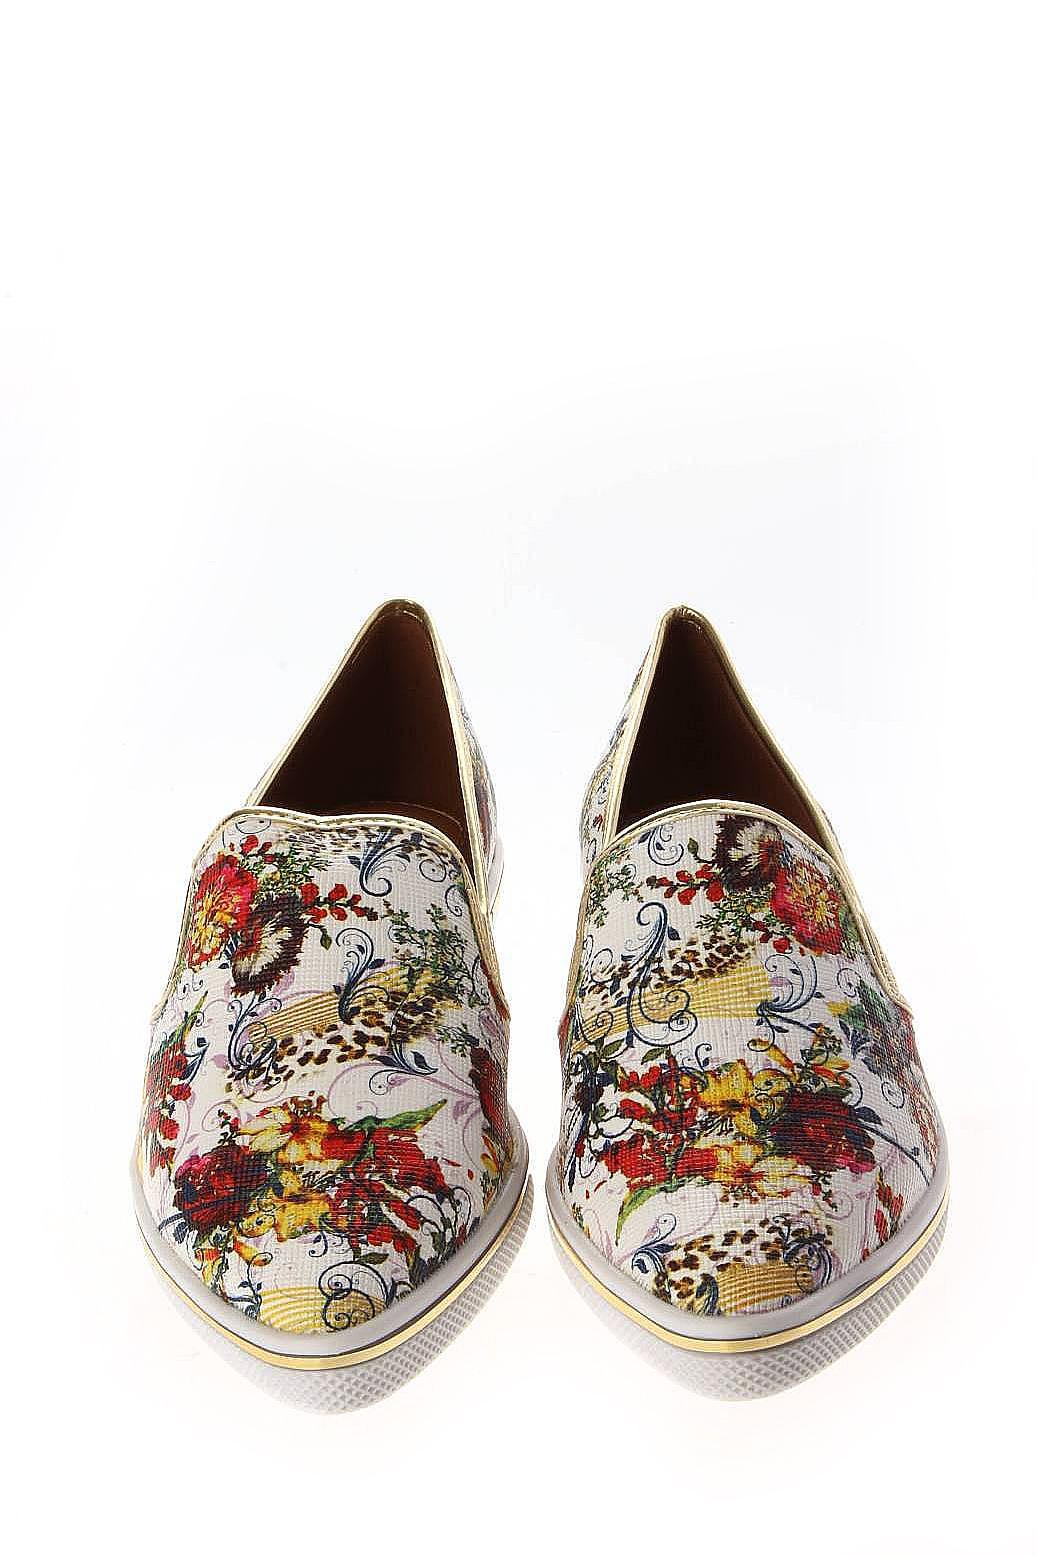 Мужская Обувь Детская Обувь Женская Обувь Туфли: Vizzano Обувь